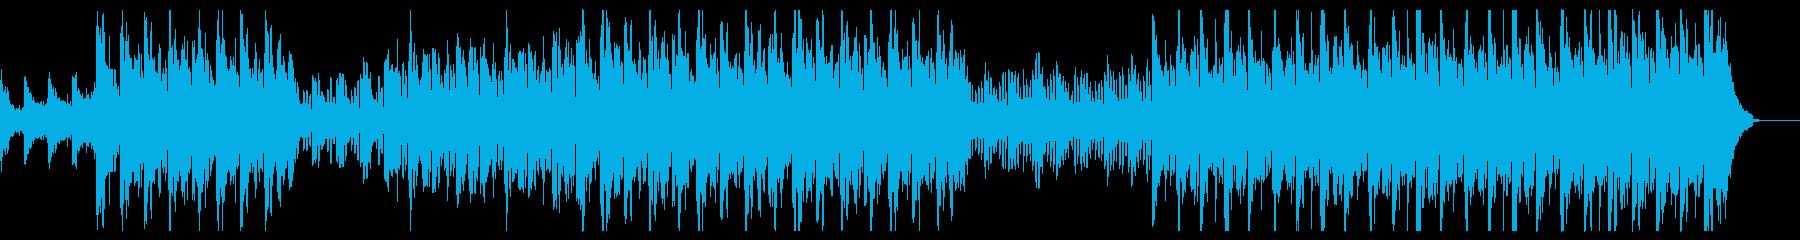 インスピレーションとオーケストラの音楽の再生済みの波形